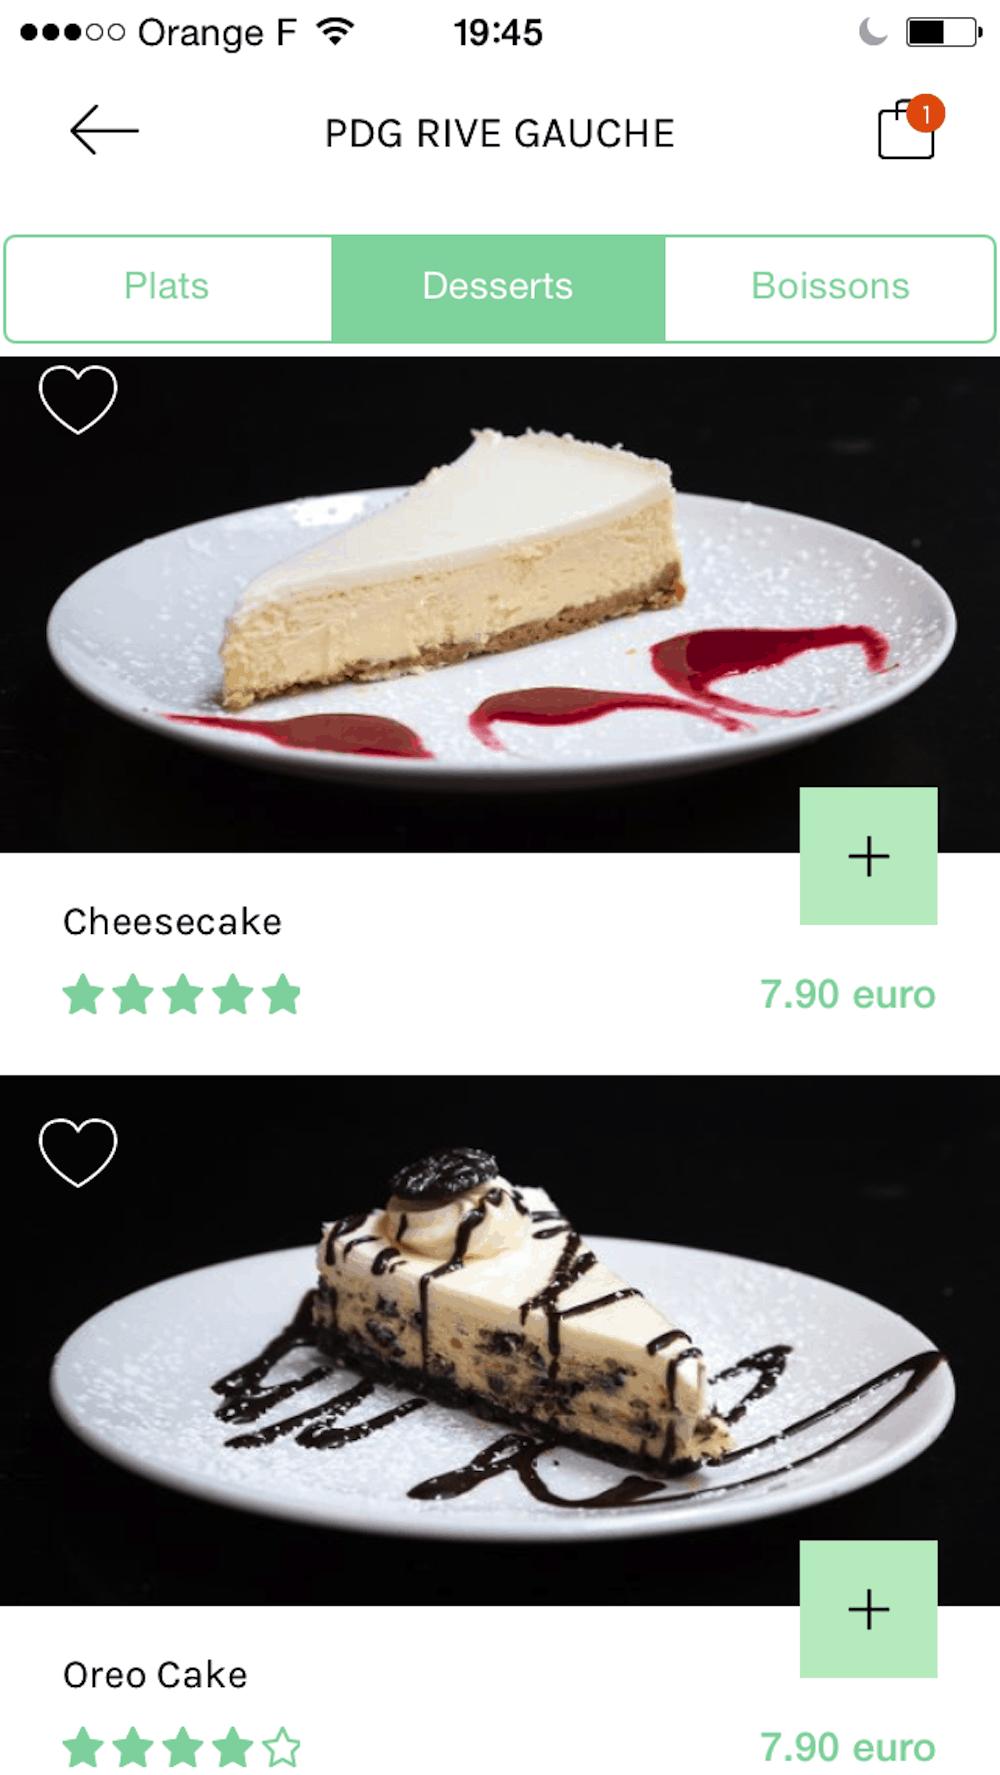 livraison-restaurant-takeeateasy-pdg-rive-gauche